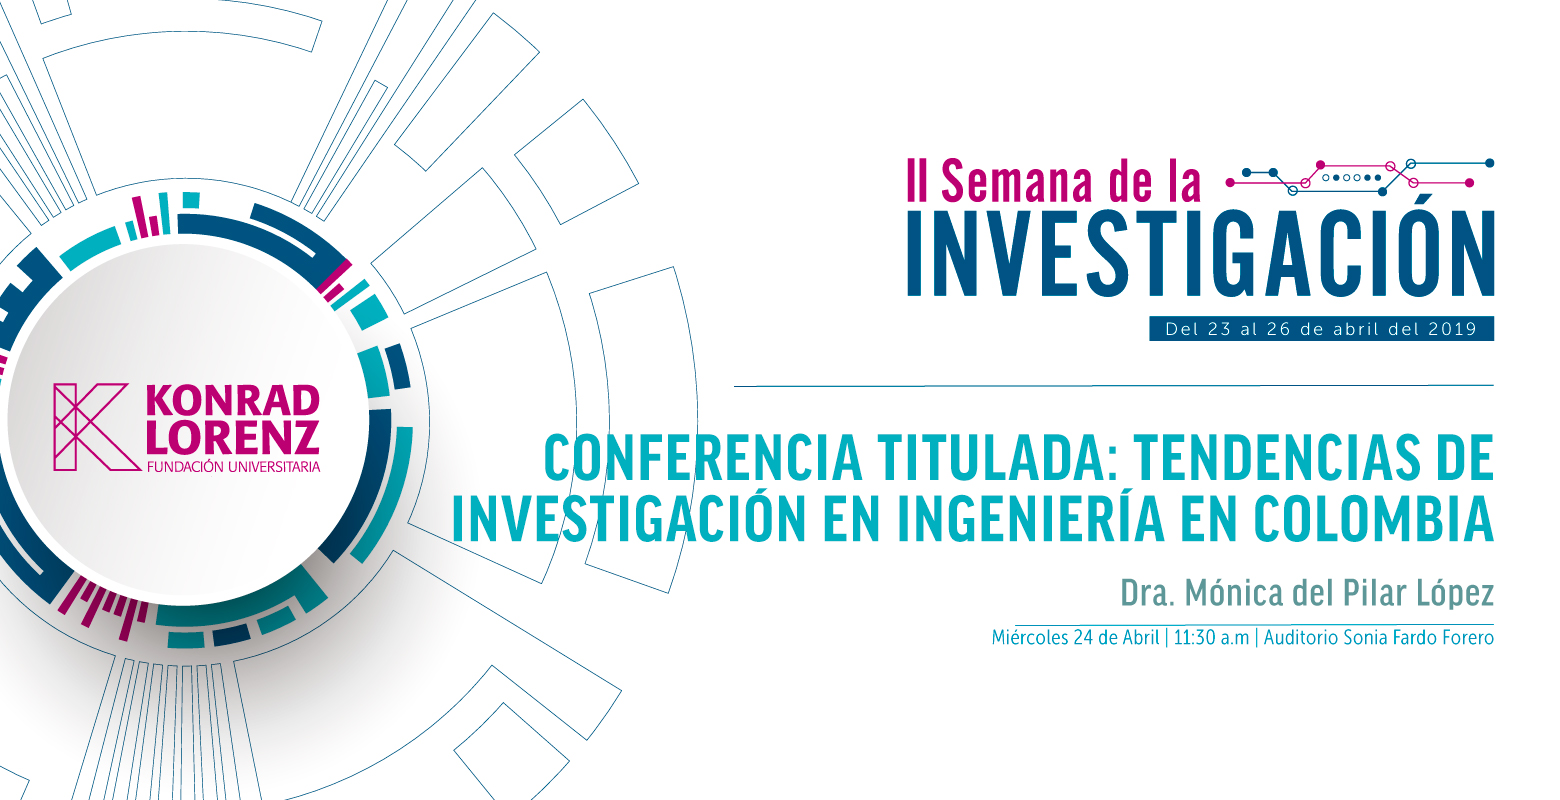 Tendencias de Investigación en Ingeniería en Colombia